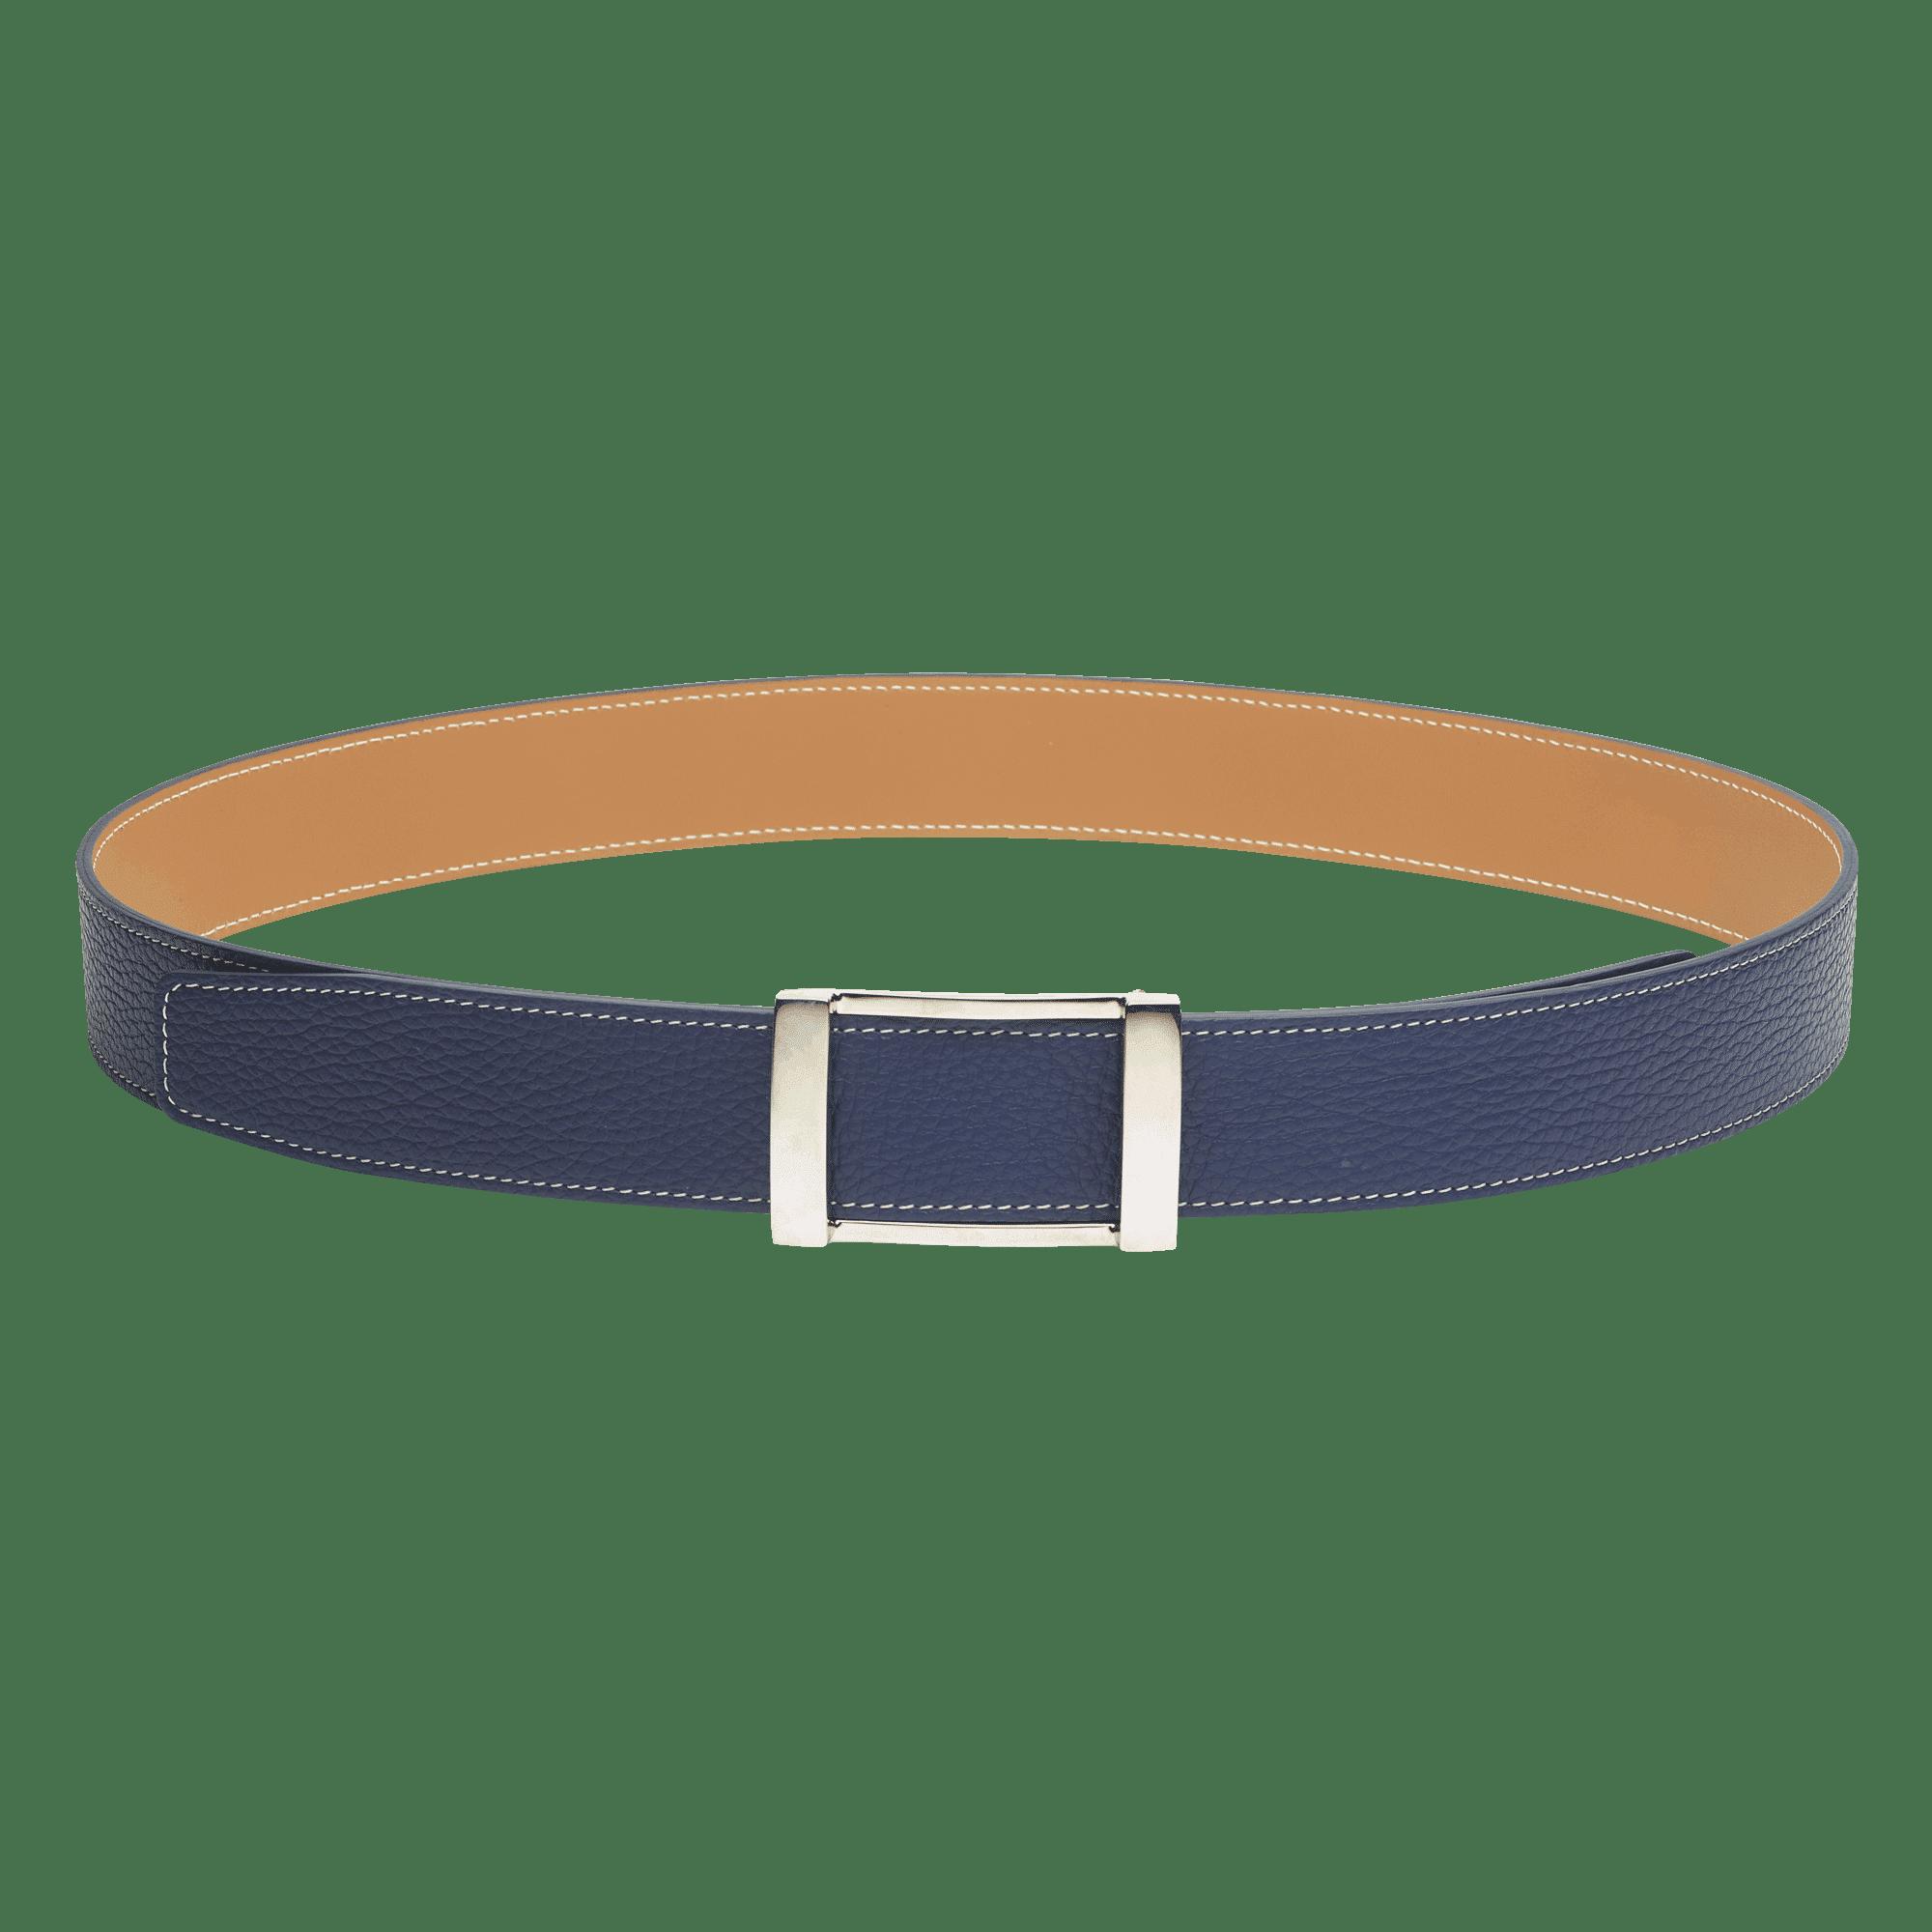 ceinture réversible en cuir bleu et marron